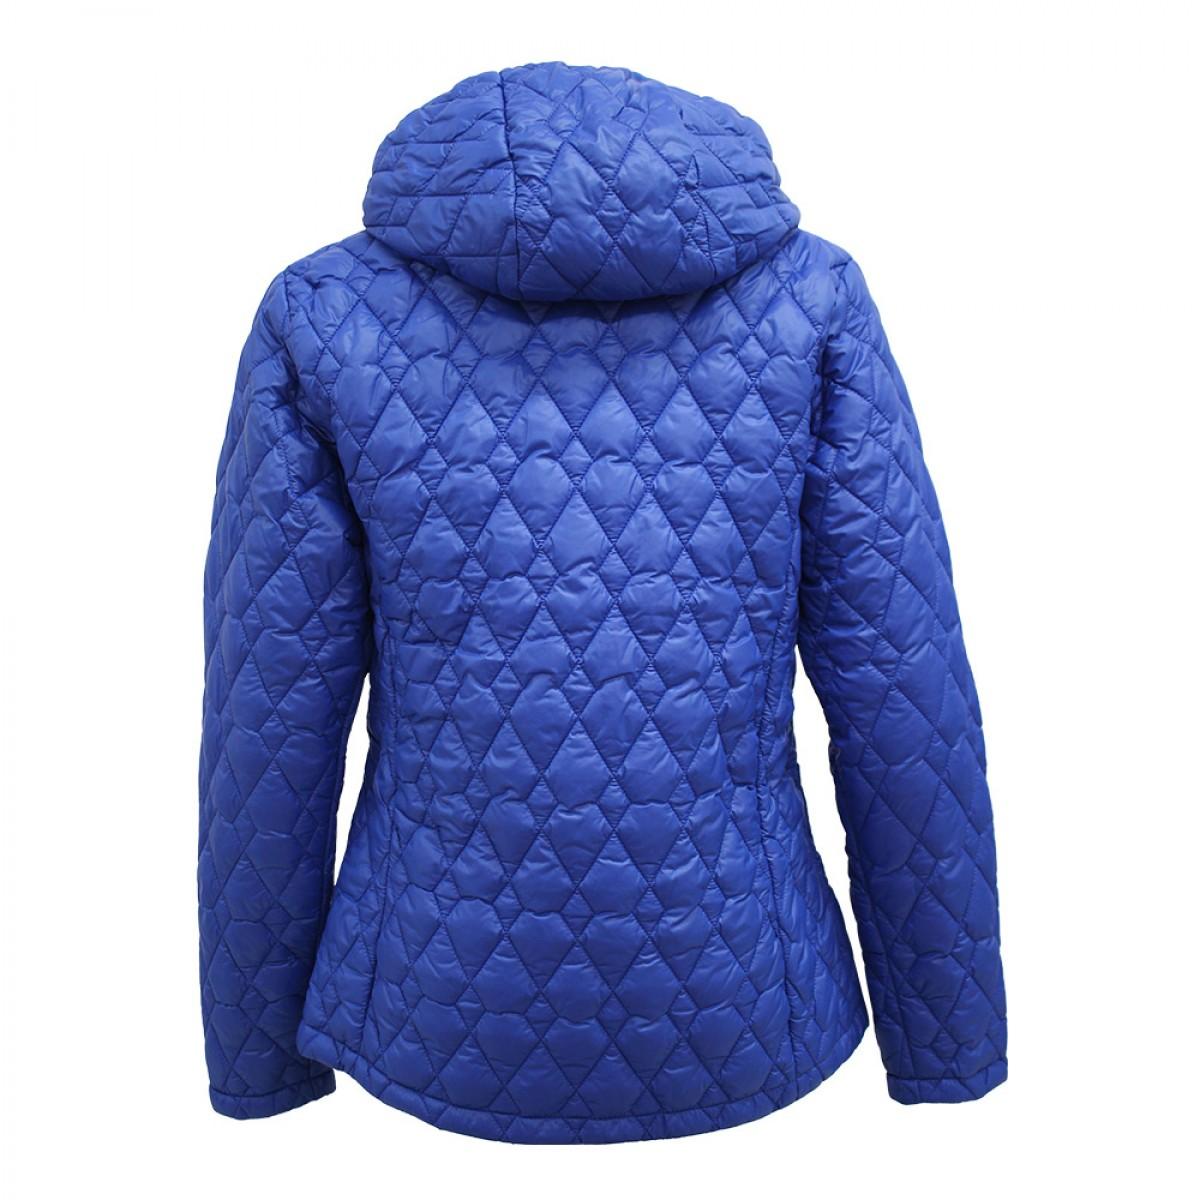 women-polyfiber-jacket-with-hoodie-kpj06913-5b